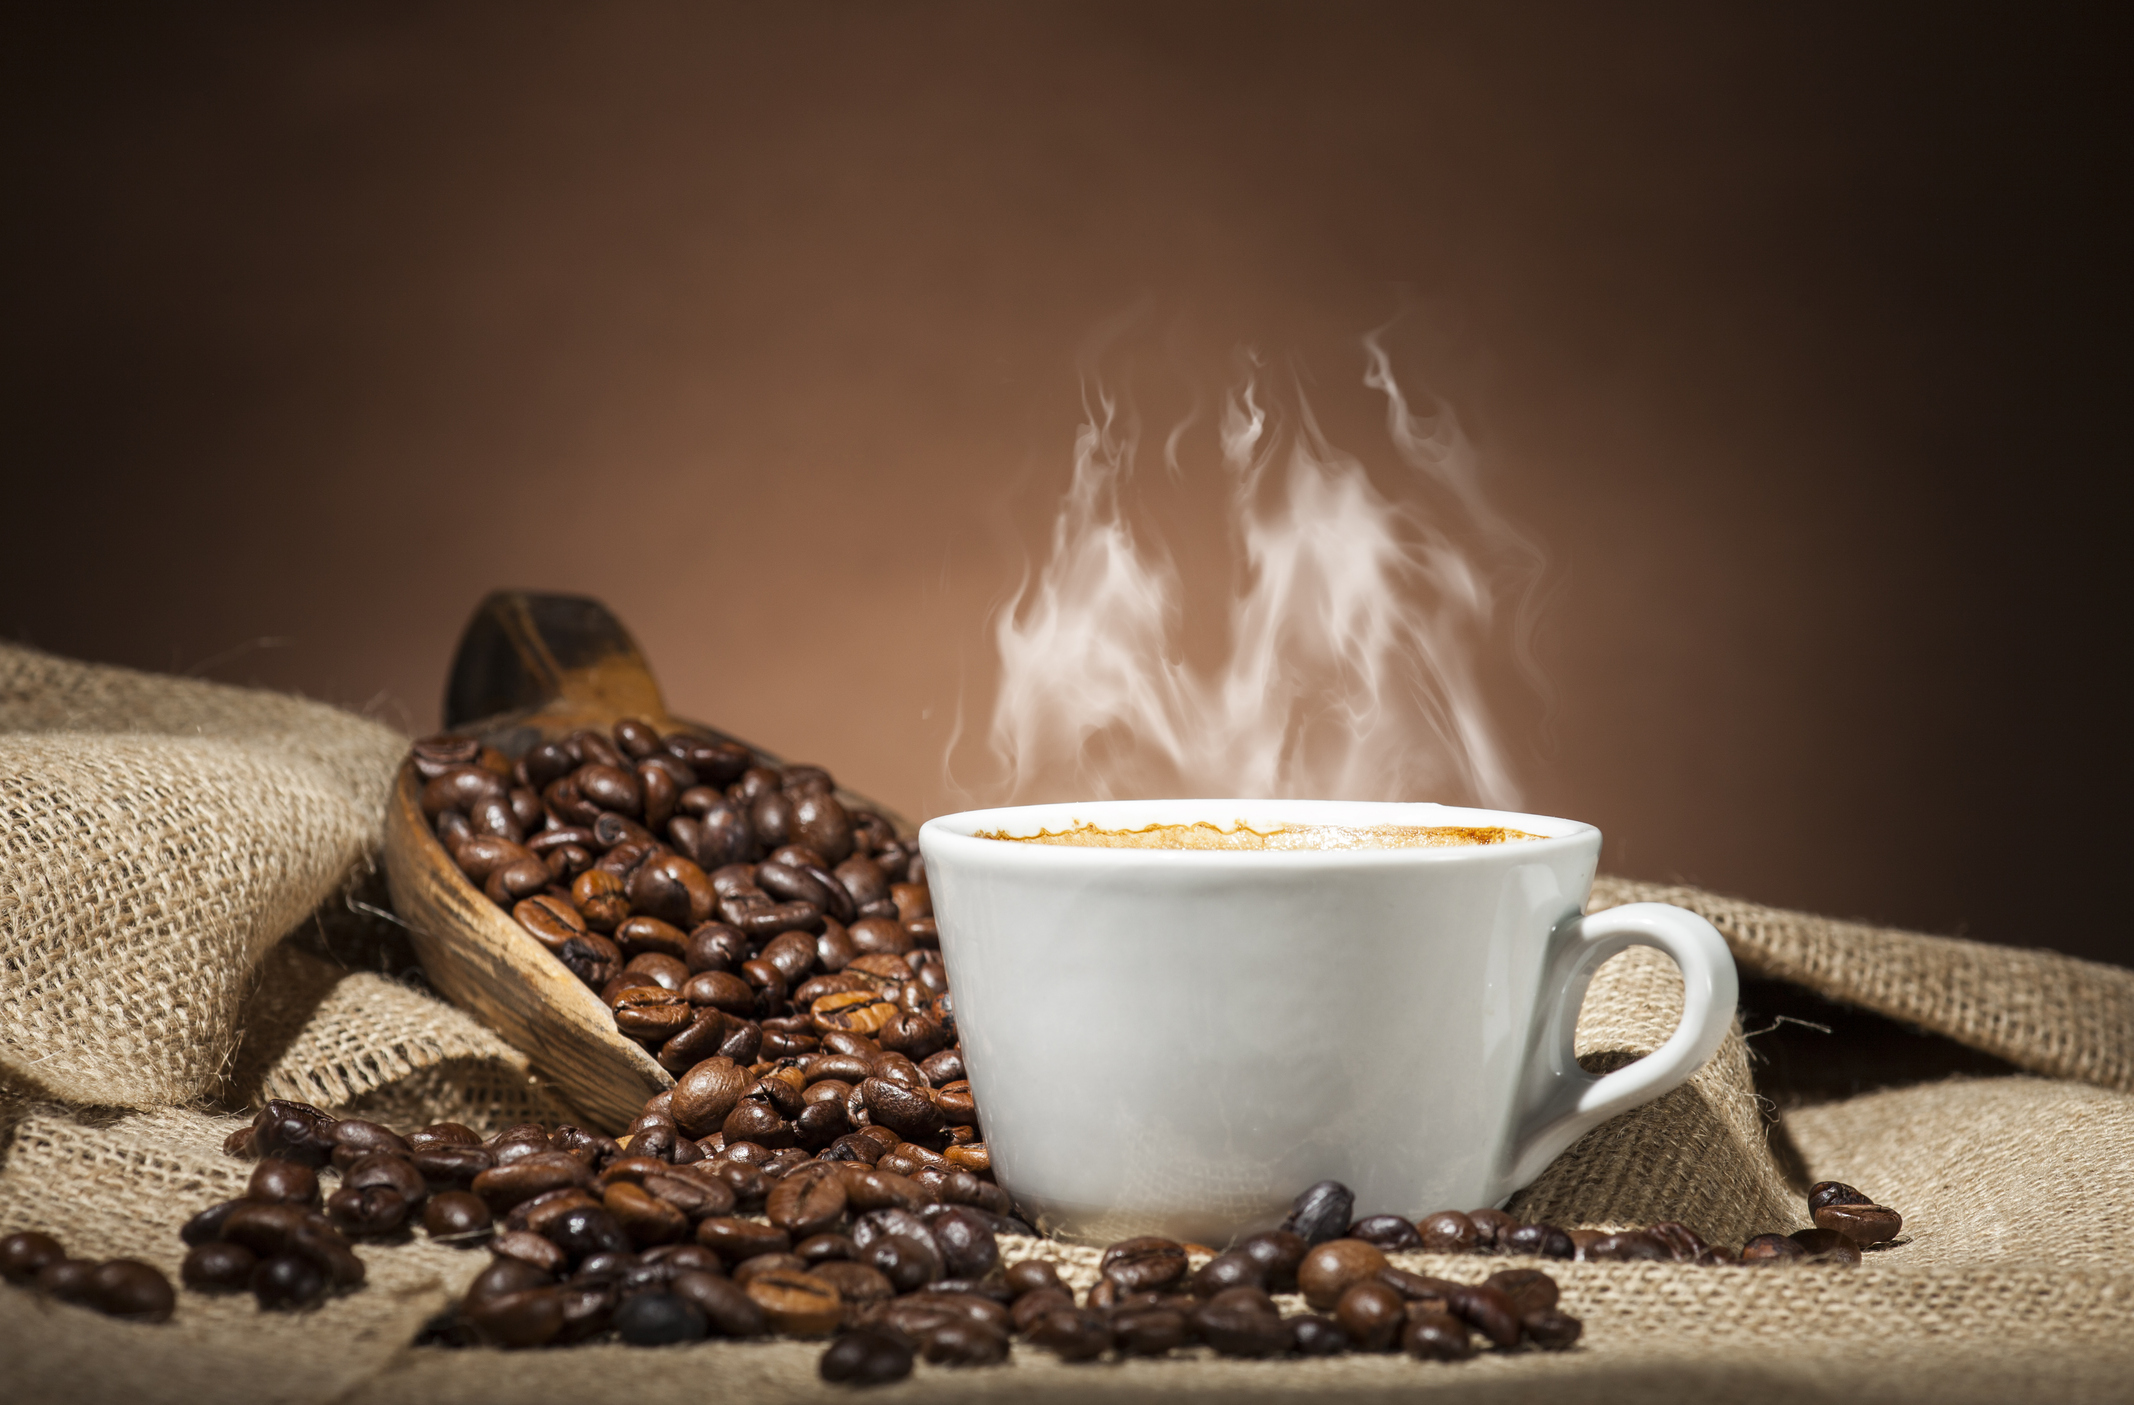 Organic Java dark and delicious - Drip Expresso Americano CanadianaCappuccino Latte Breve' Mocha